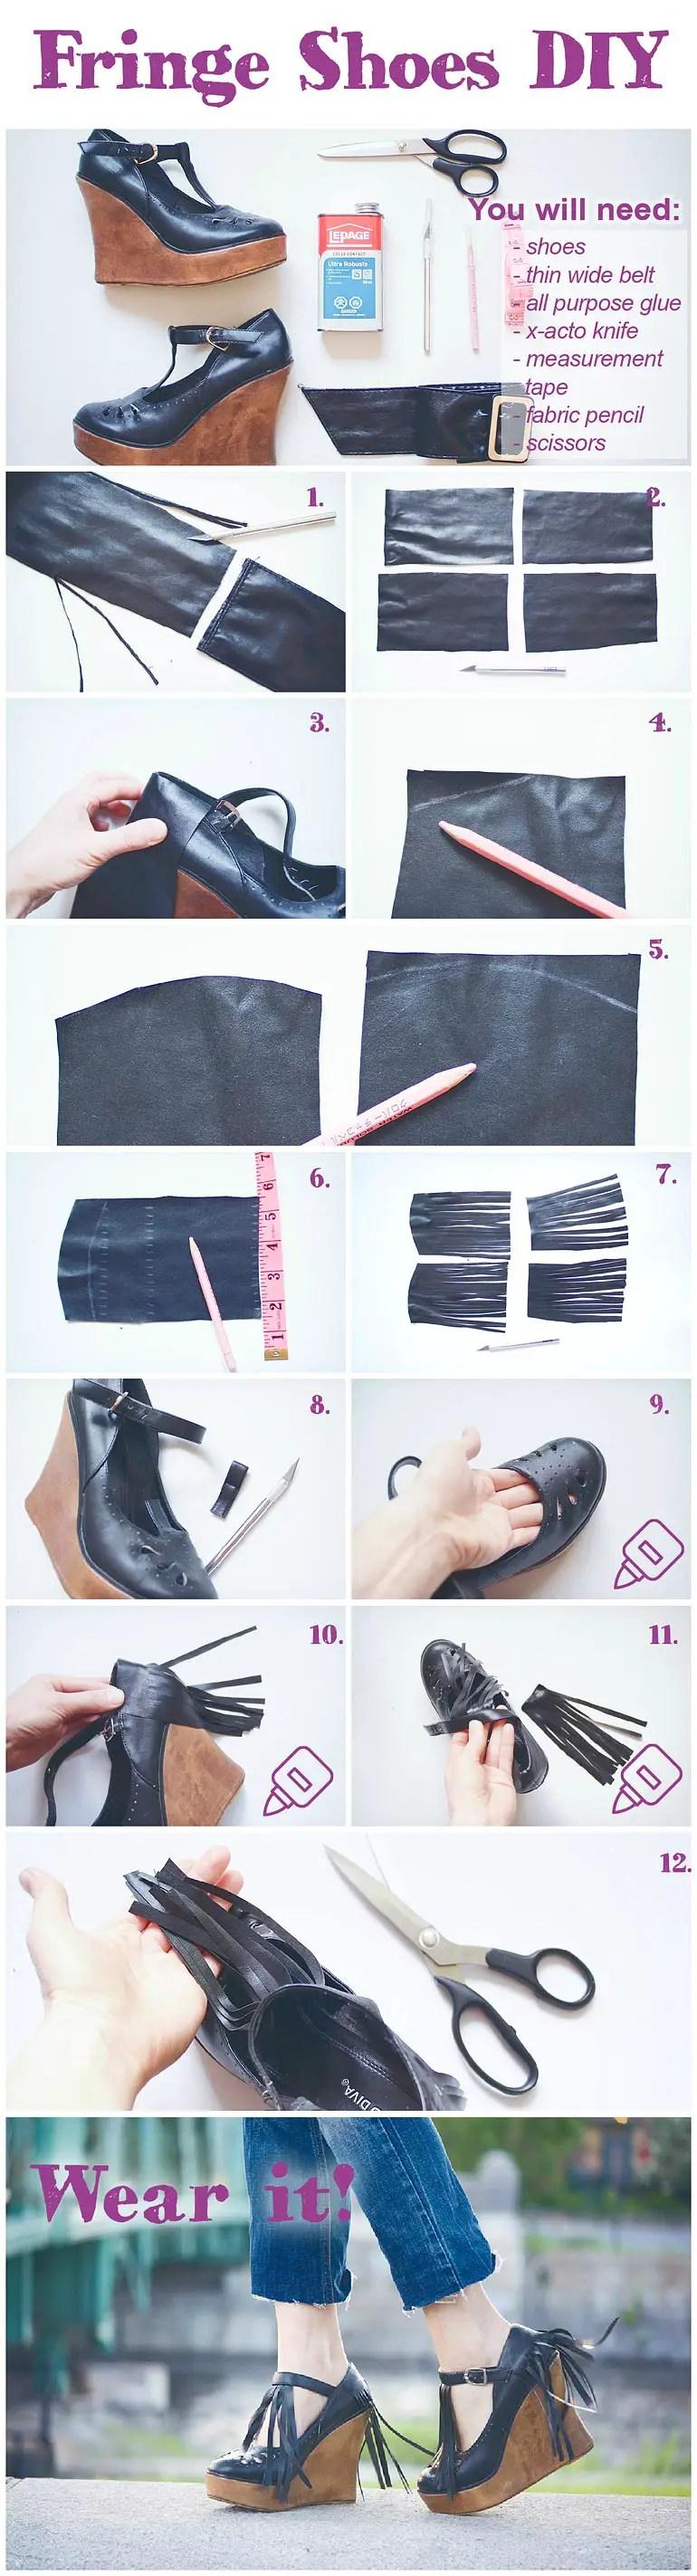 Fringe Shoes DIY Instructions